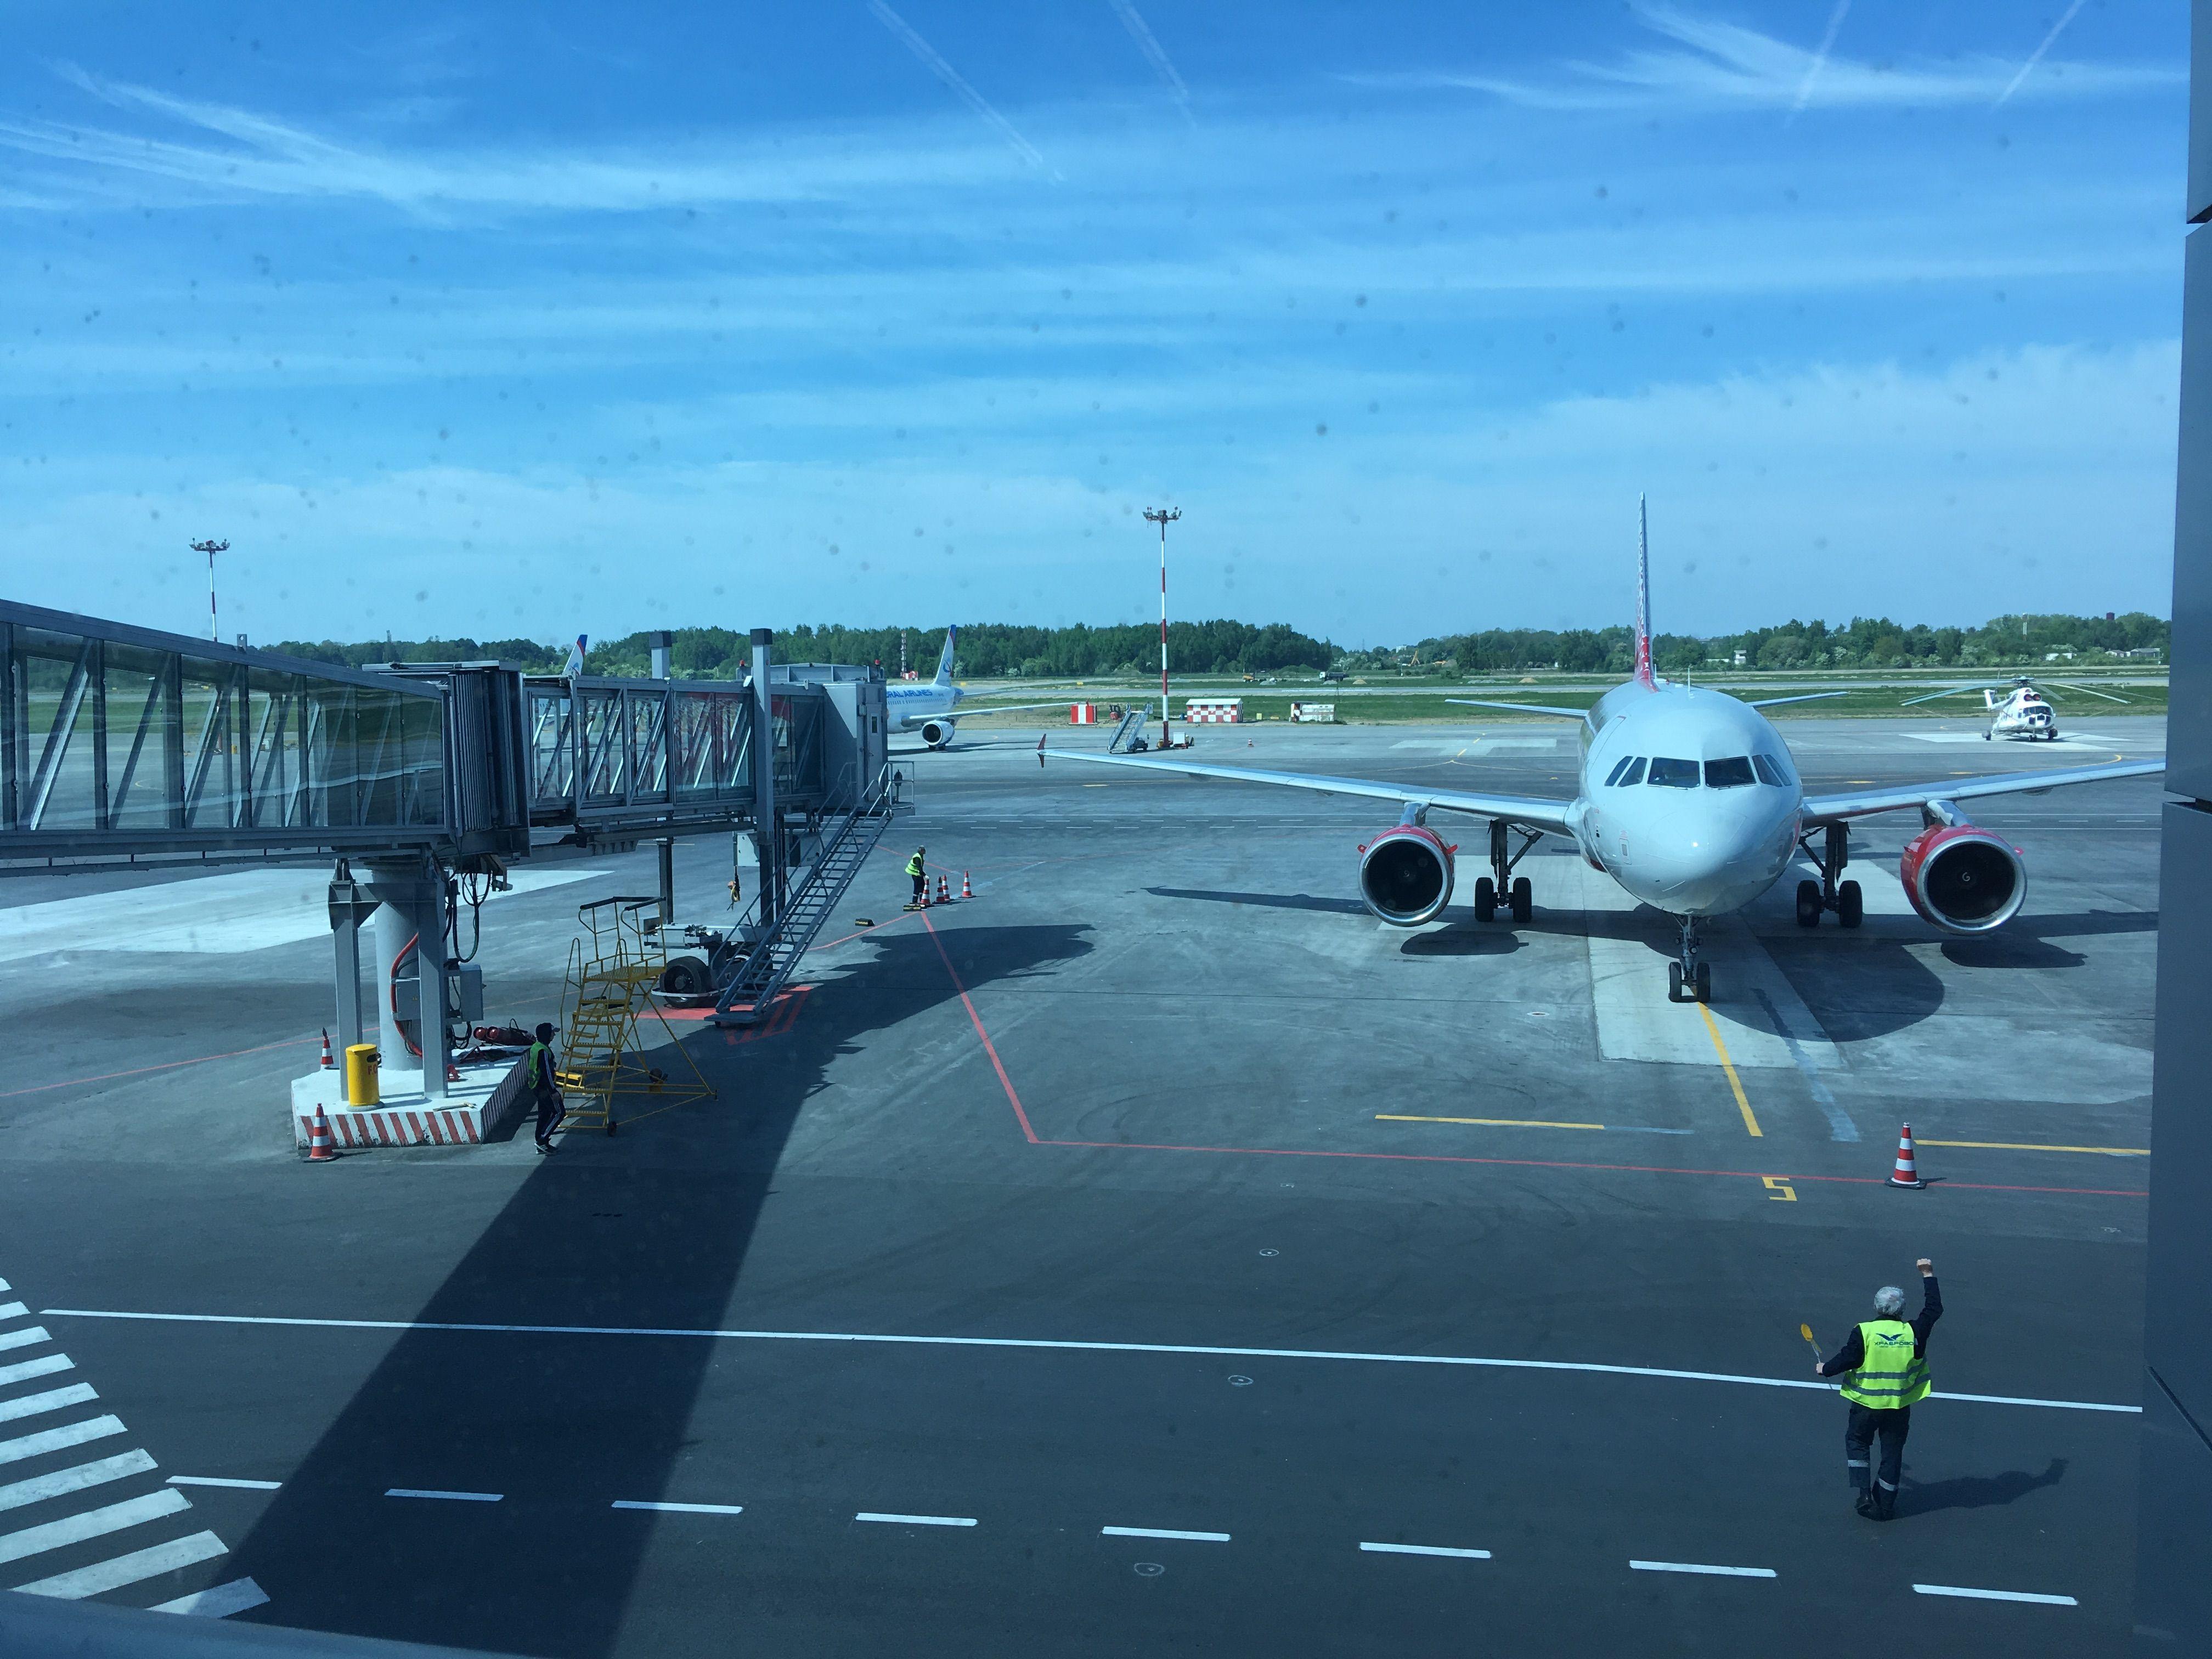 В аэропорту Храброво, прибытие самолета